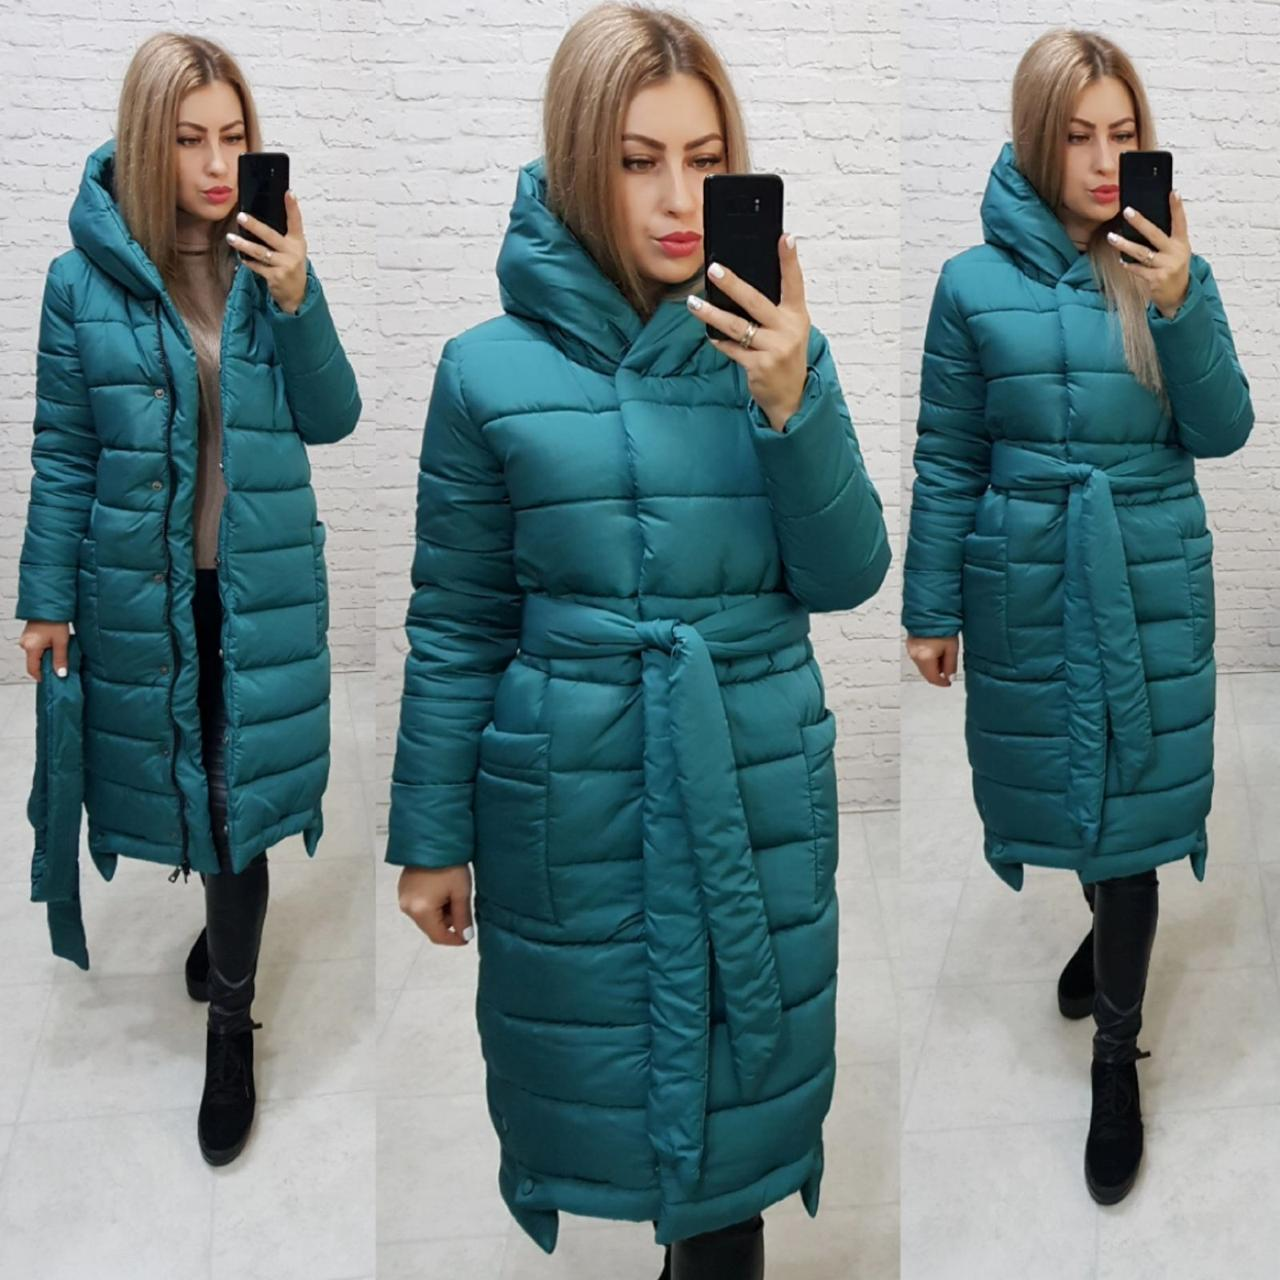 Зимняя приталенная куртка пуховик с поясом, артикул 032, цвет изумрудный зелёный